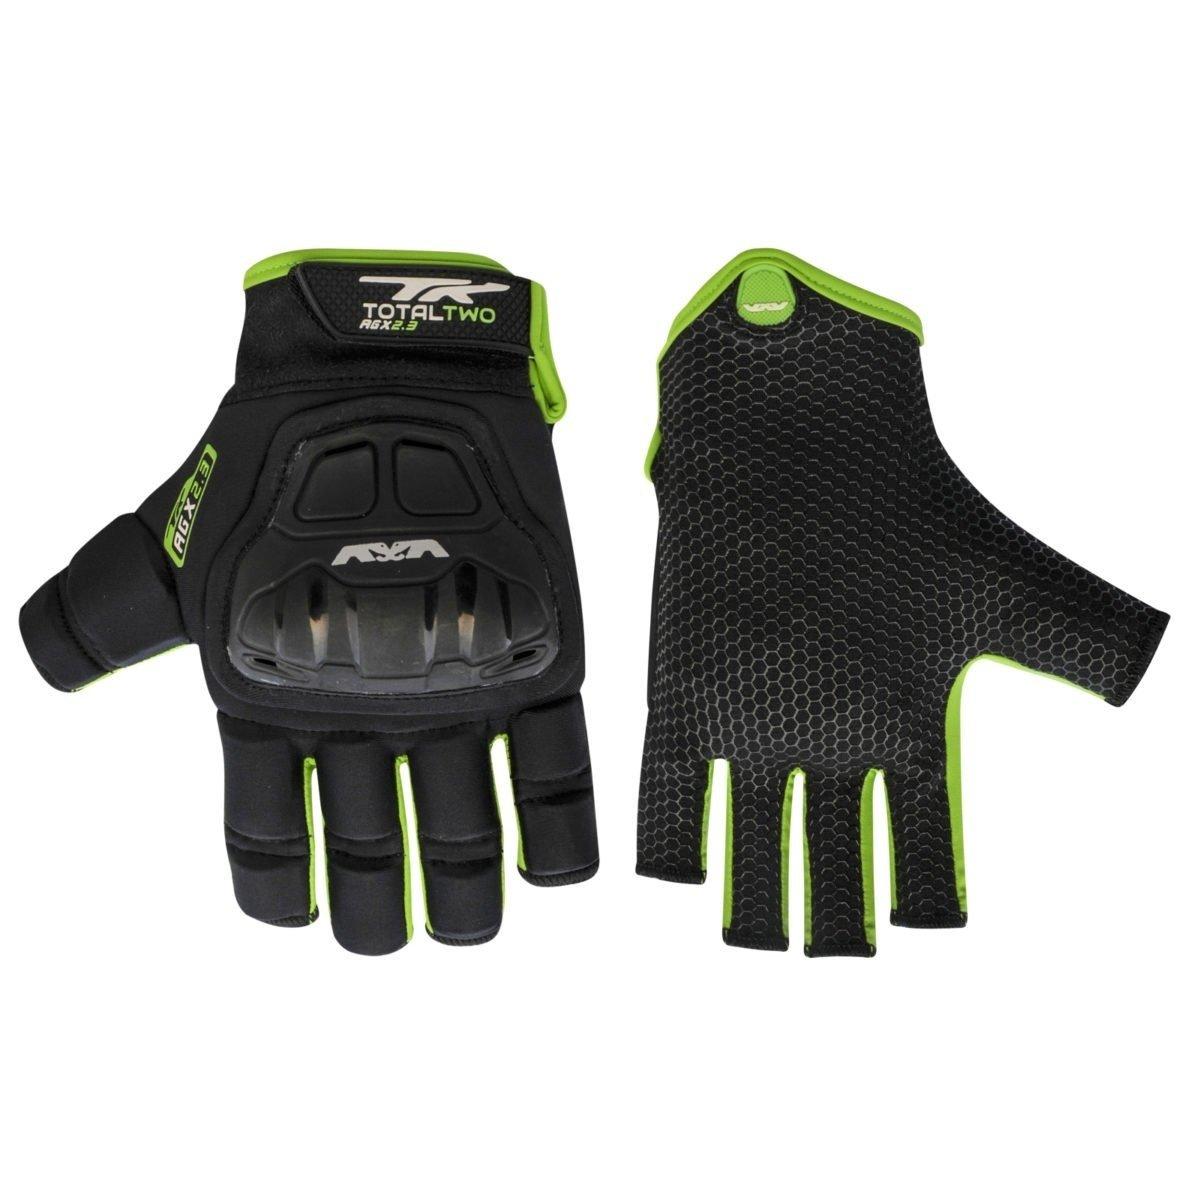 2017/18 TK Total One AGX 2.3 Hockey Glove